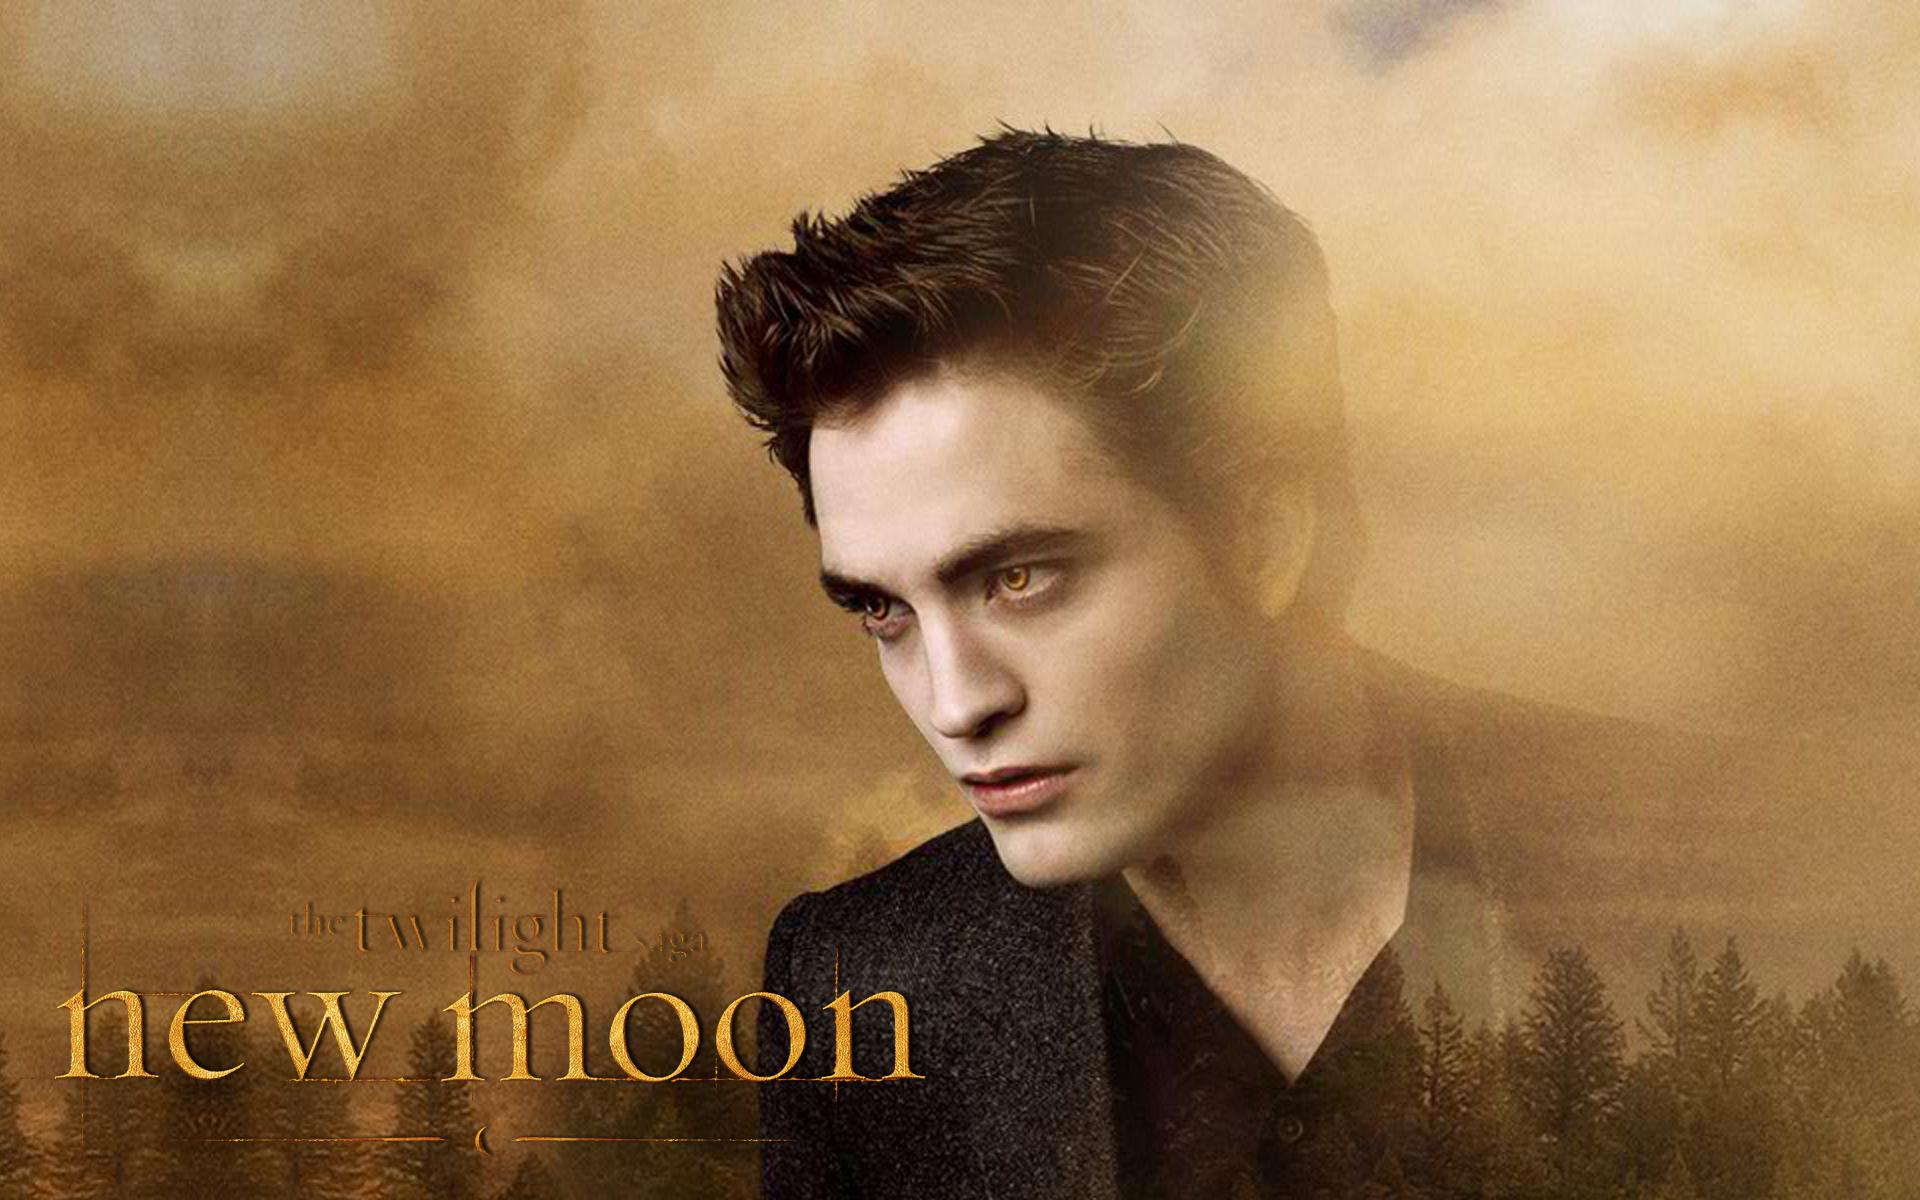 Edward Cullen Twilighters Wallpaper 31003299 Fanpop